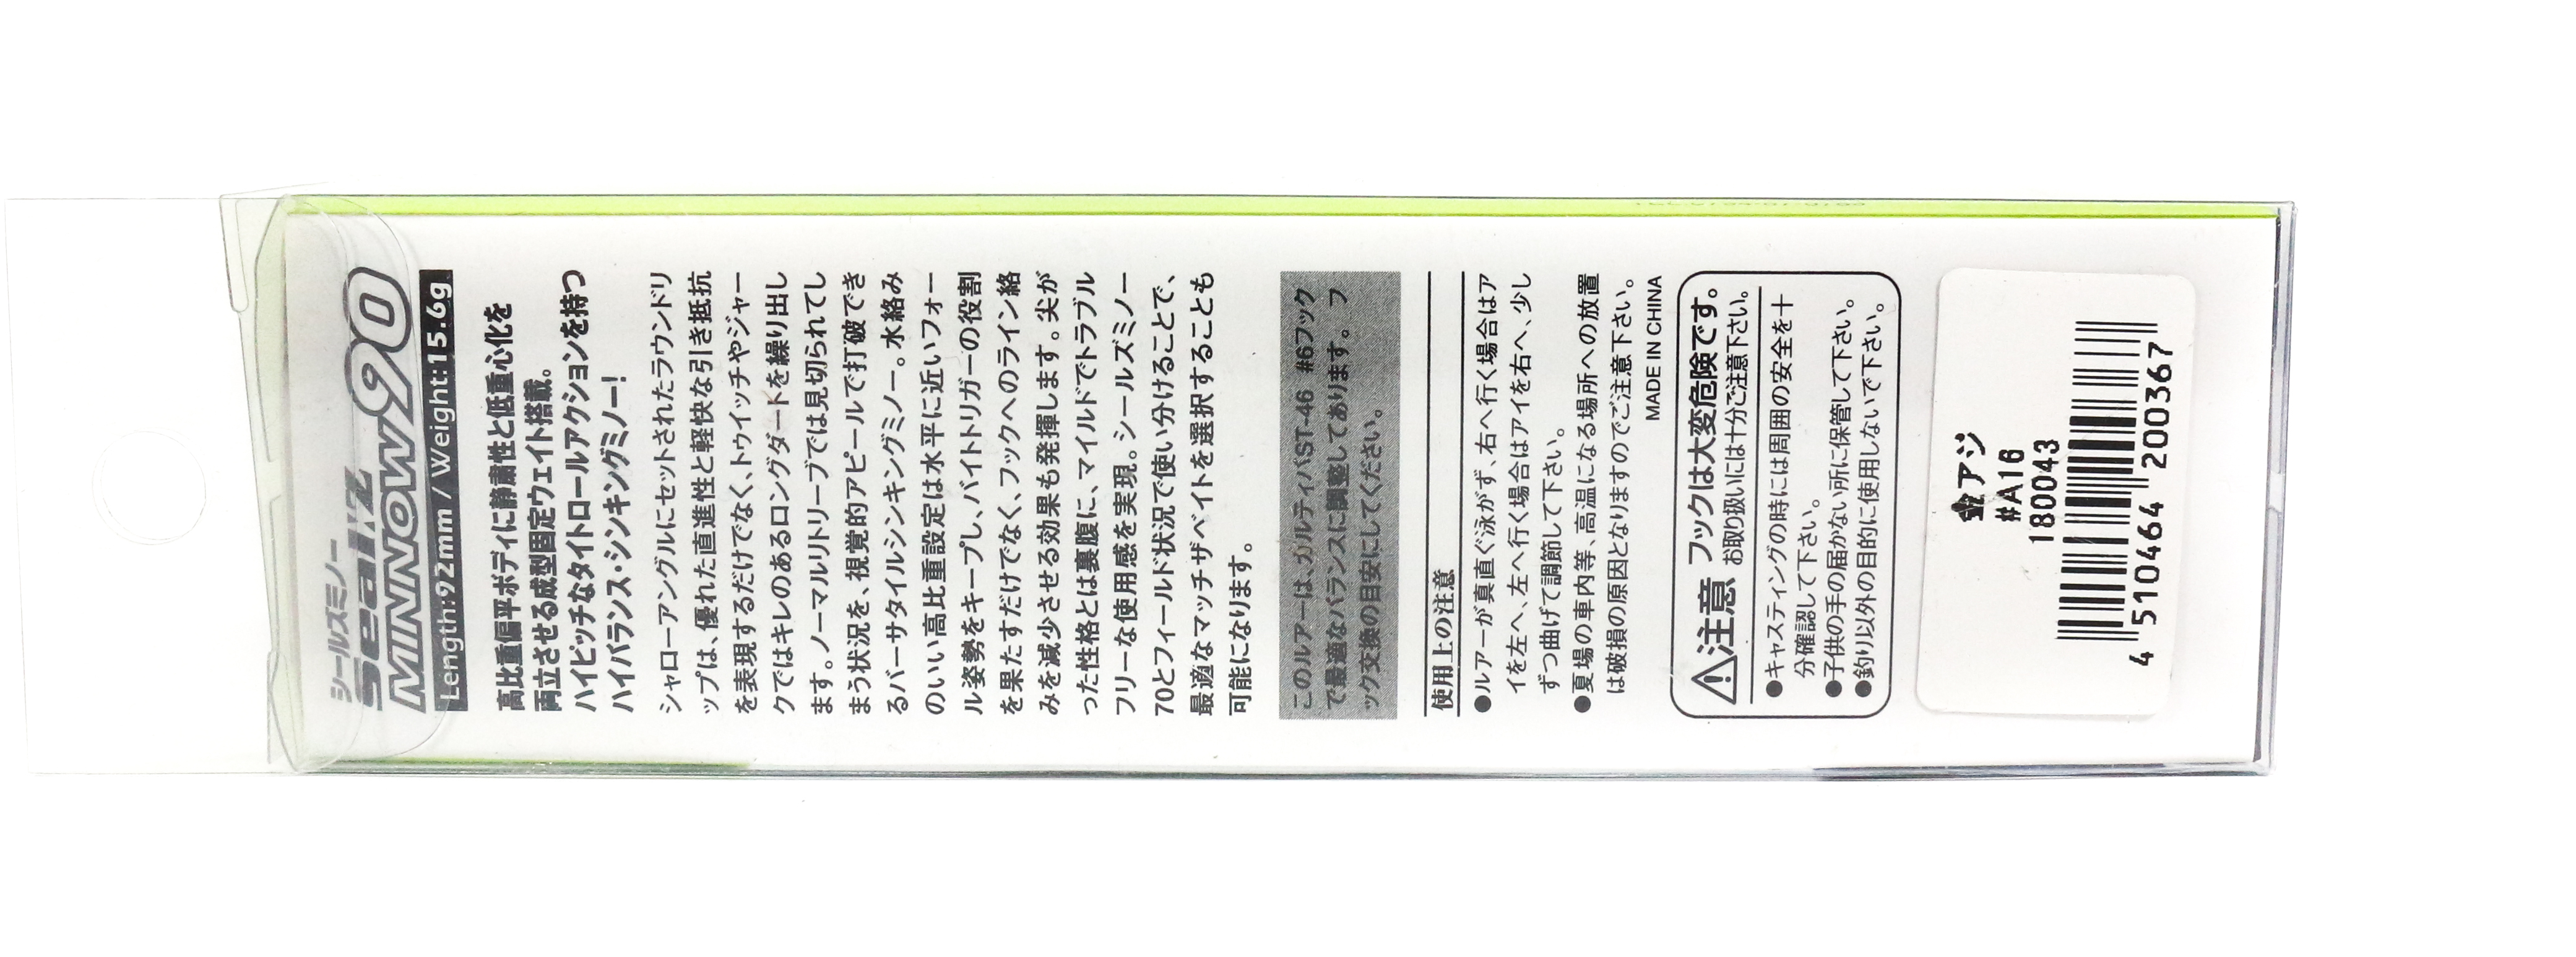 3556 Verkauf Jackall Soft Köder Tenaga Stick 3.9 Zoll Green Pumpkin Chart